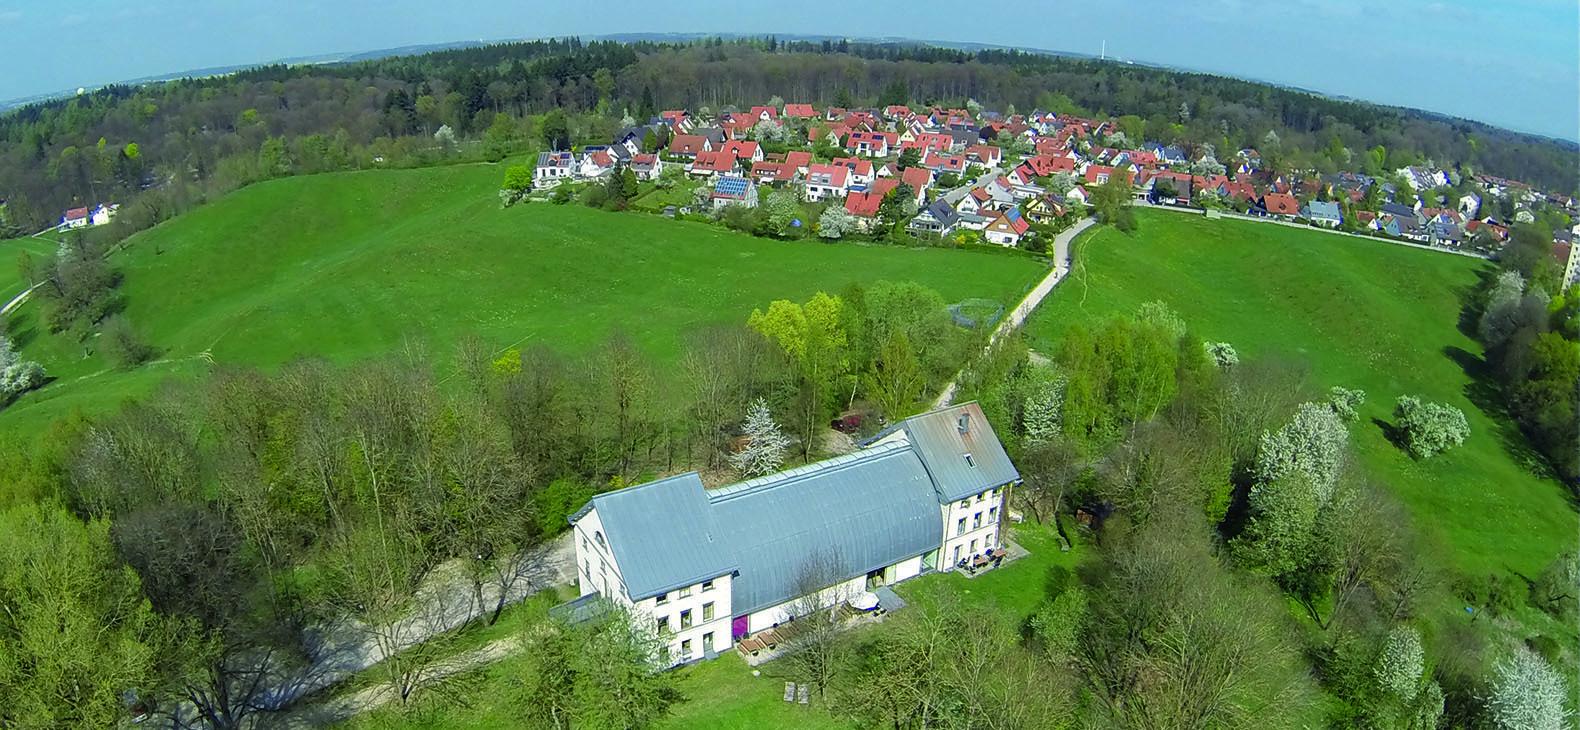 Schafhof - Europäisches Künstlerhaus Oberbayern - Luftbild